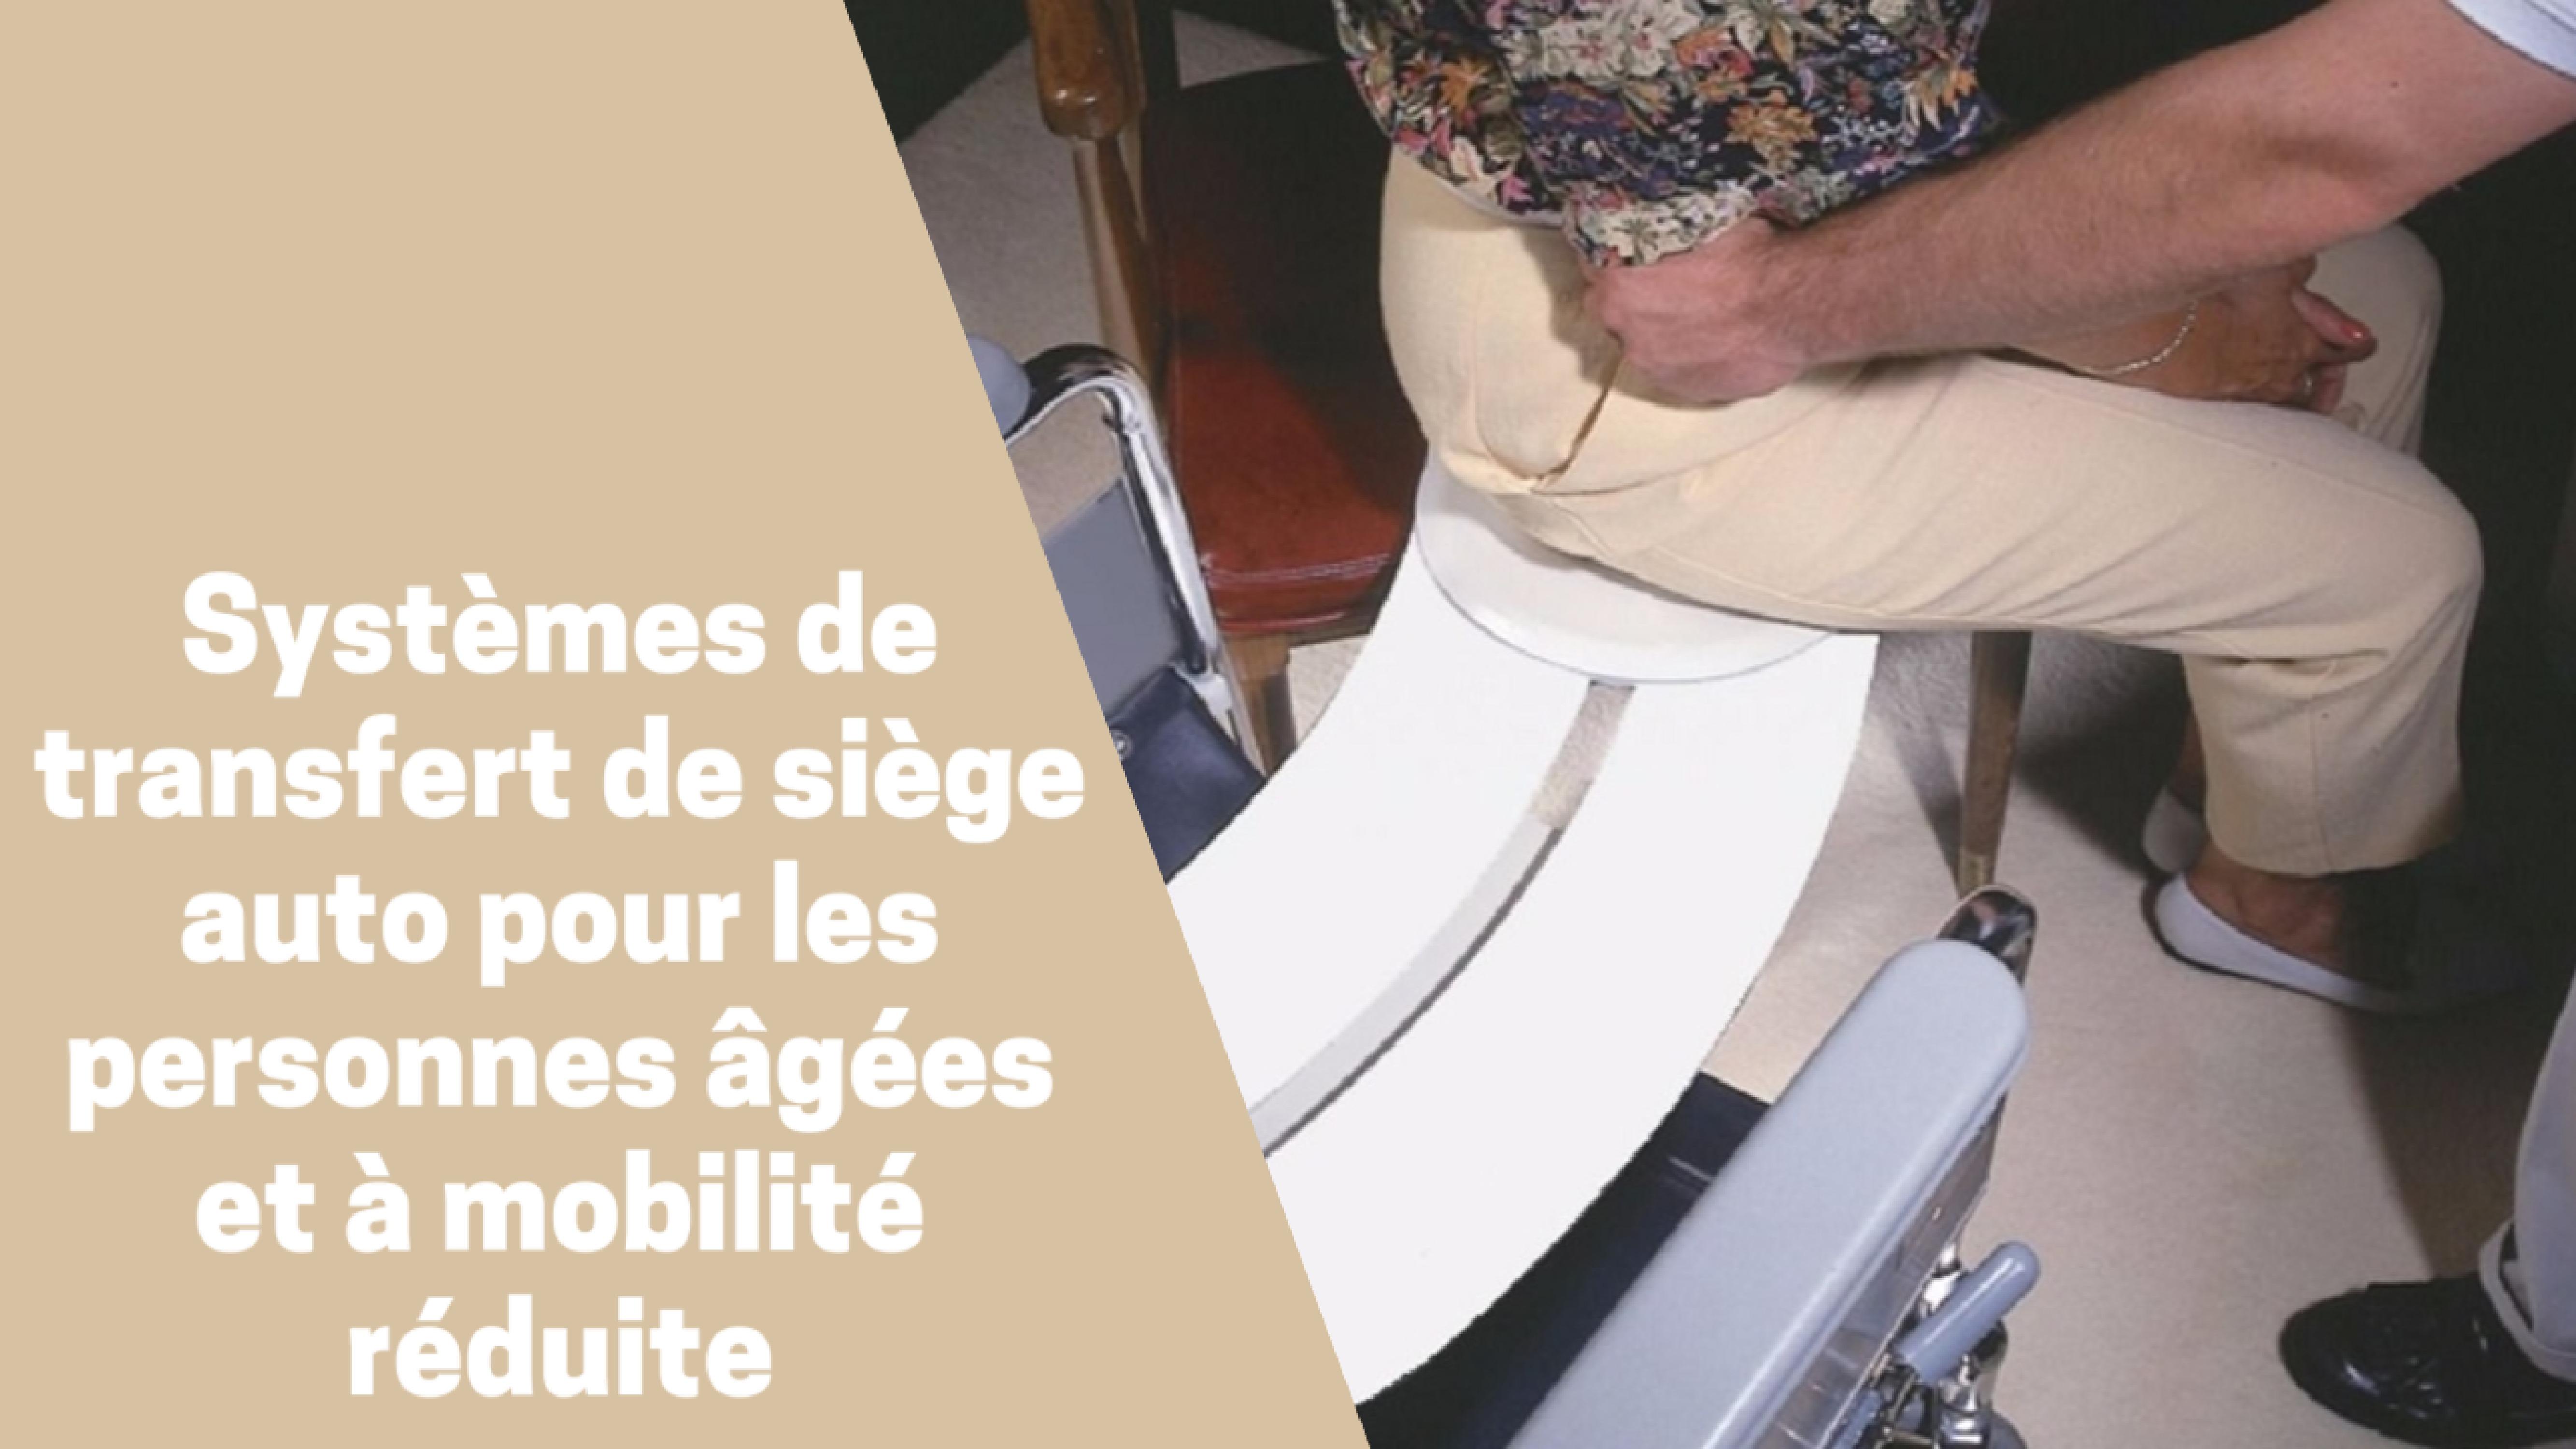 Meilleurs systèmes de transfert de siège d'auto du moment pour personnes âgées comparatif guide achat avis test